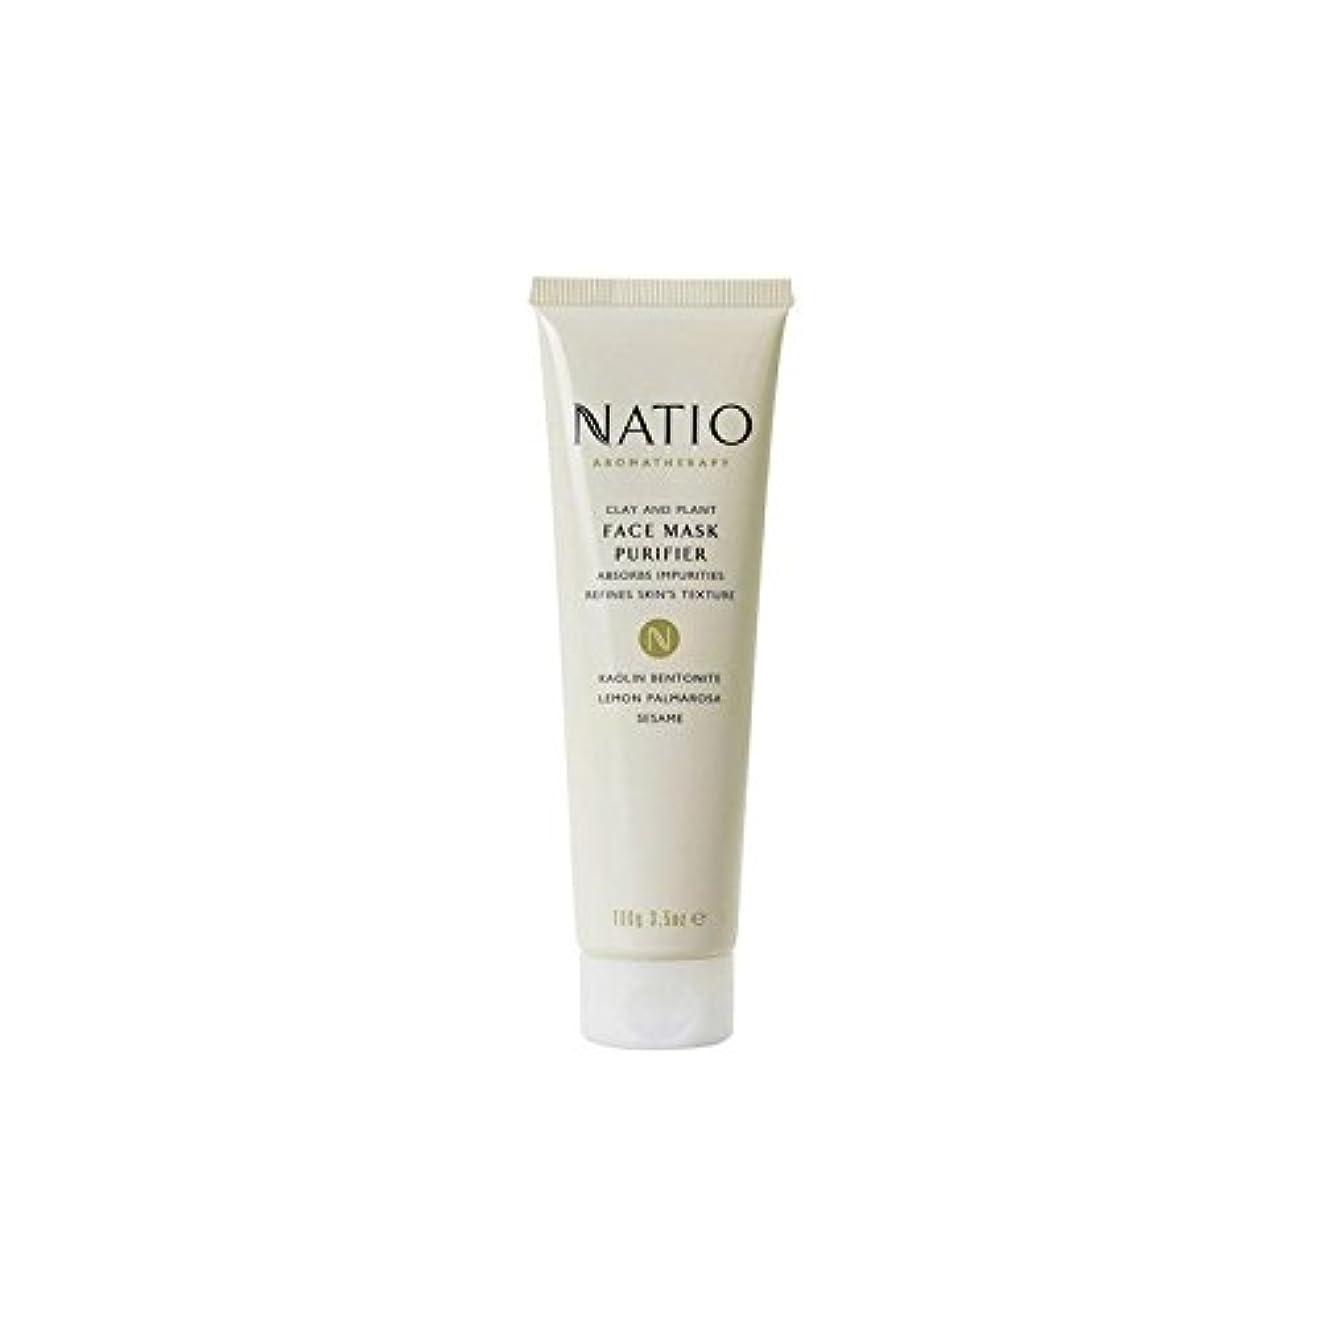 いらいらする膨張する改修Natio Clay & Plant Face Mask Purifier (100G) - 粘土&植物フェイスマスクの浄化(100グラム) [並行輸入品]